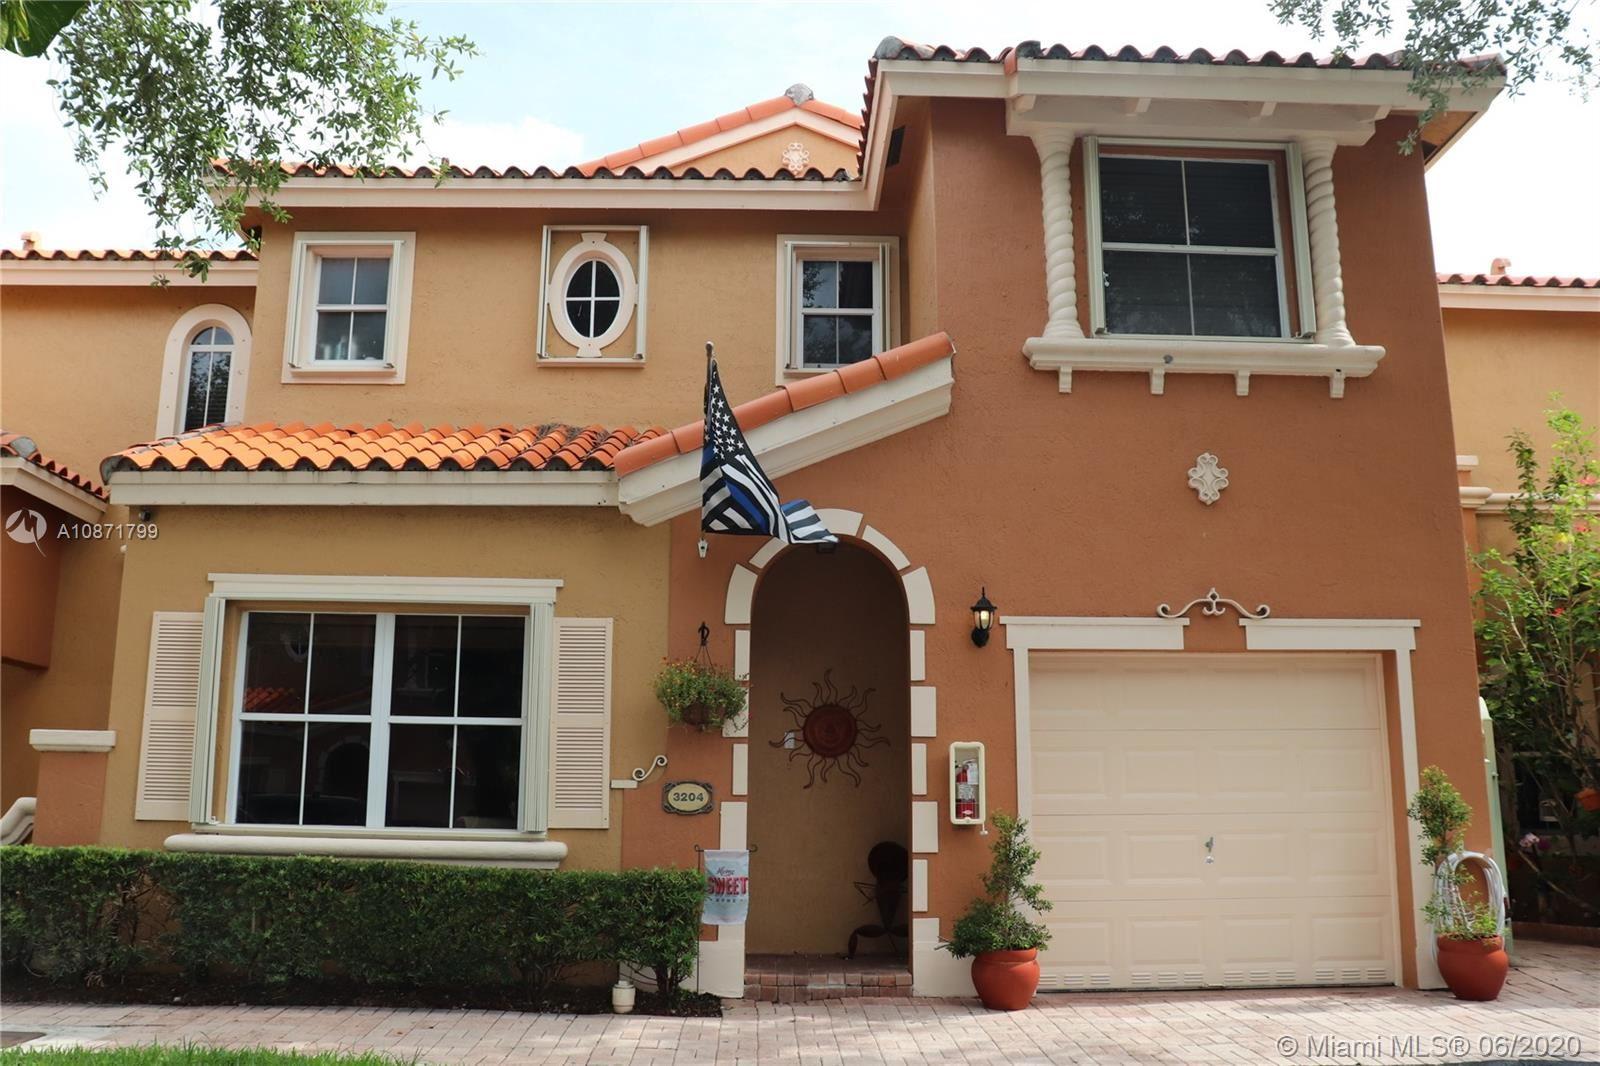 8401 NW 139th Ter #3204, Miami Lakes, FL 33016 - #: A10871799